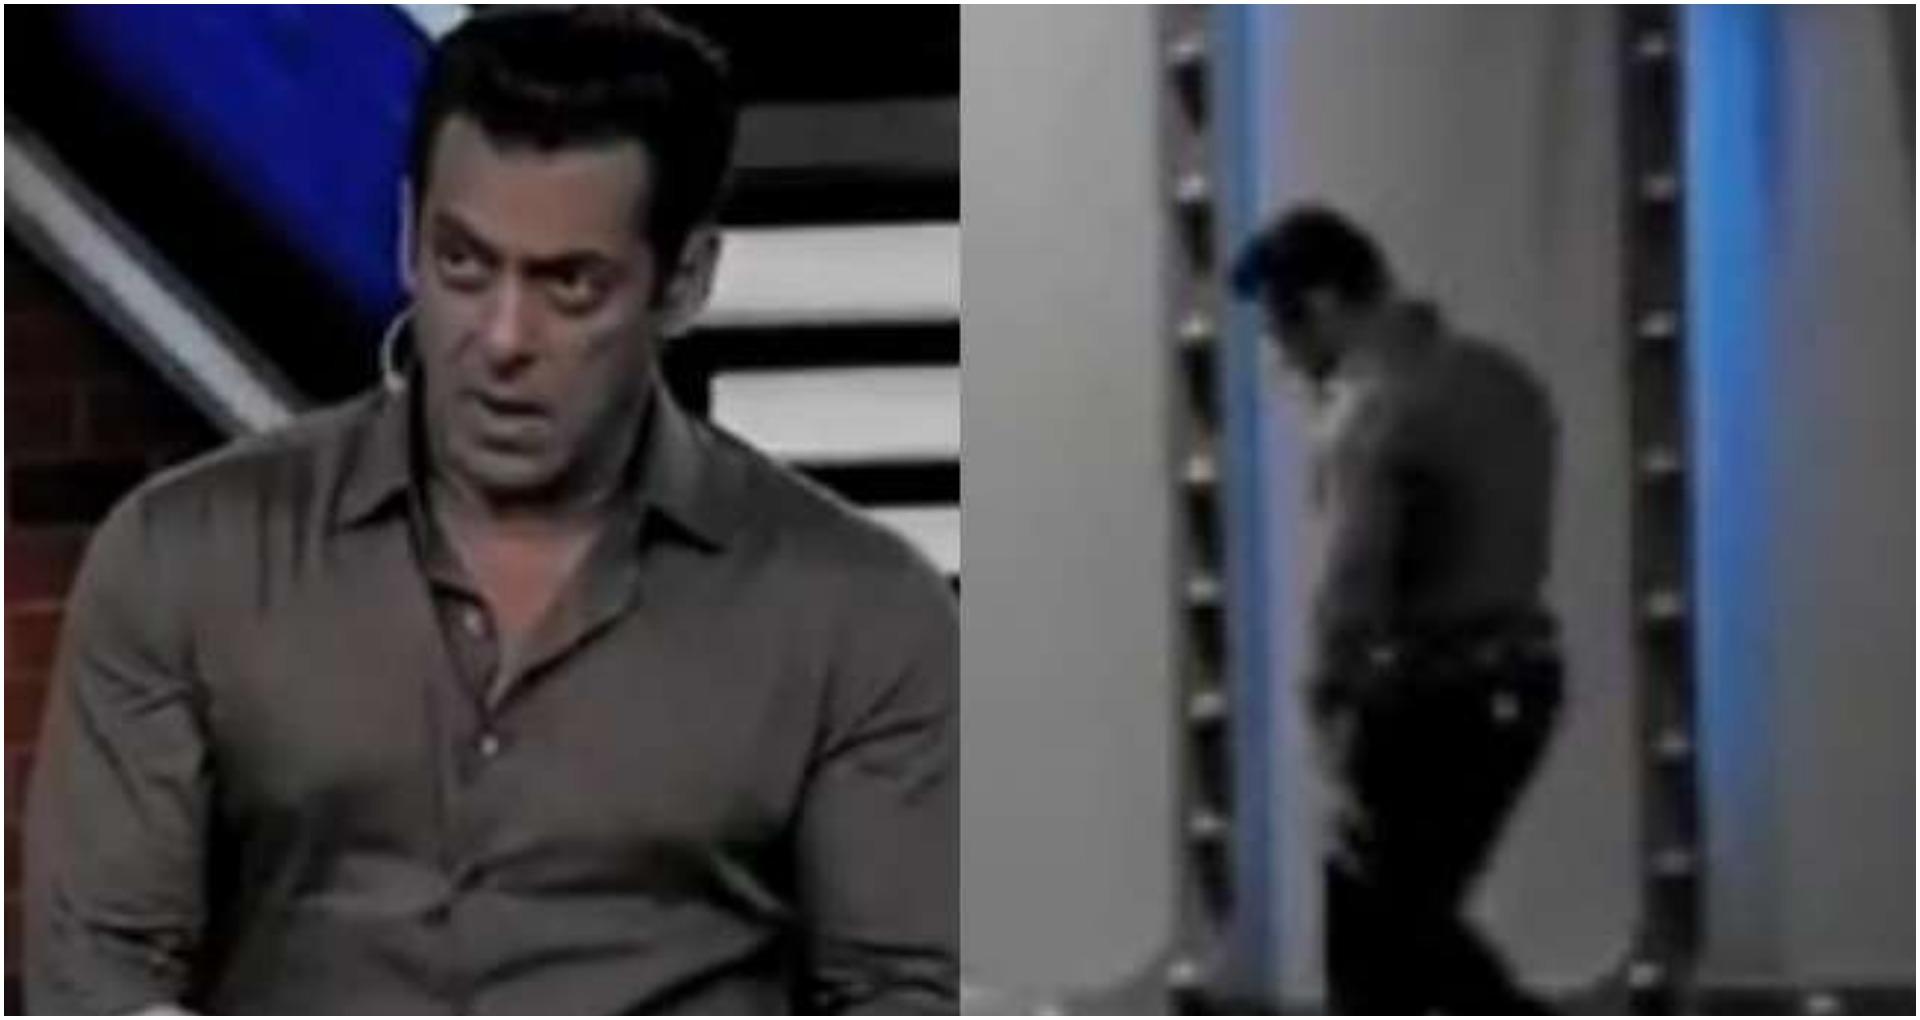 Bigg Boss 13: सलमान खान का गुस्सा पहुंचा सातवें आसमान पर, इस कंटेस्टेंट पर हुए एग्रेसिव, देखें वीडियो